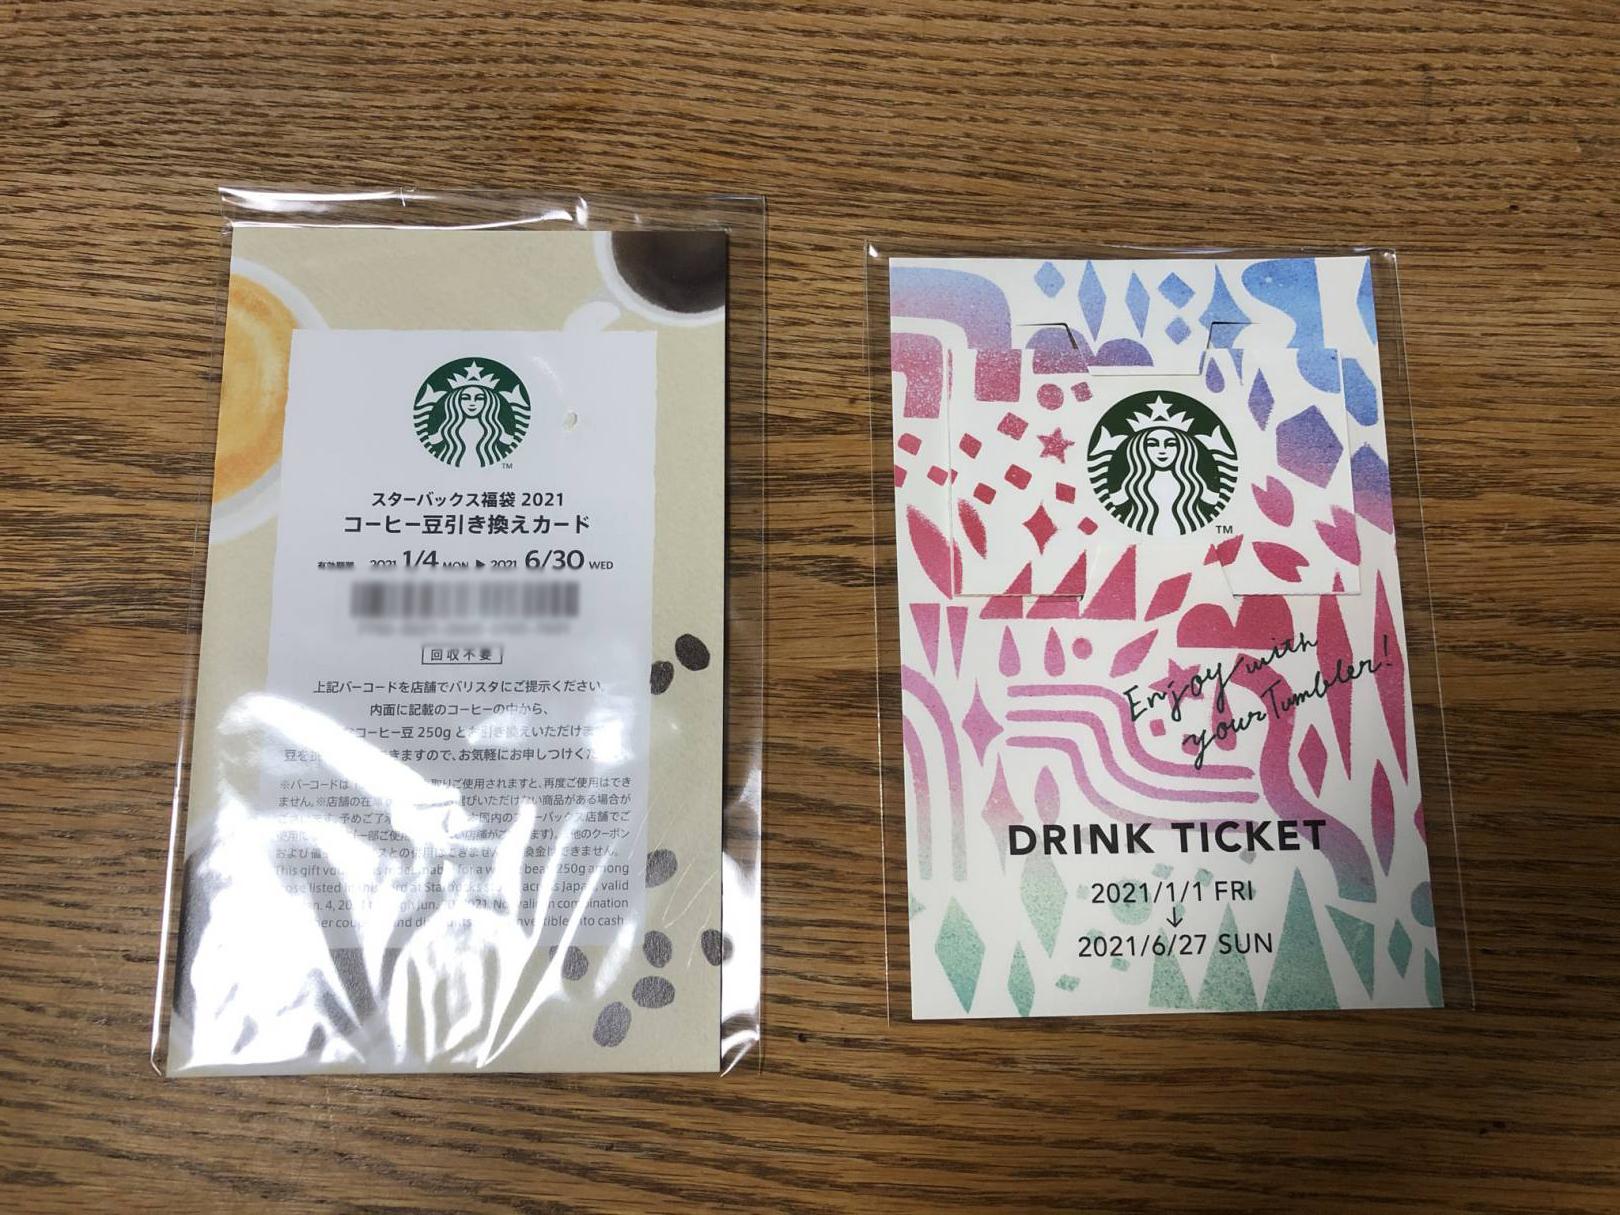 スタバ福袋のコーヒー豆引換券とドリンクチケット